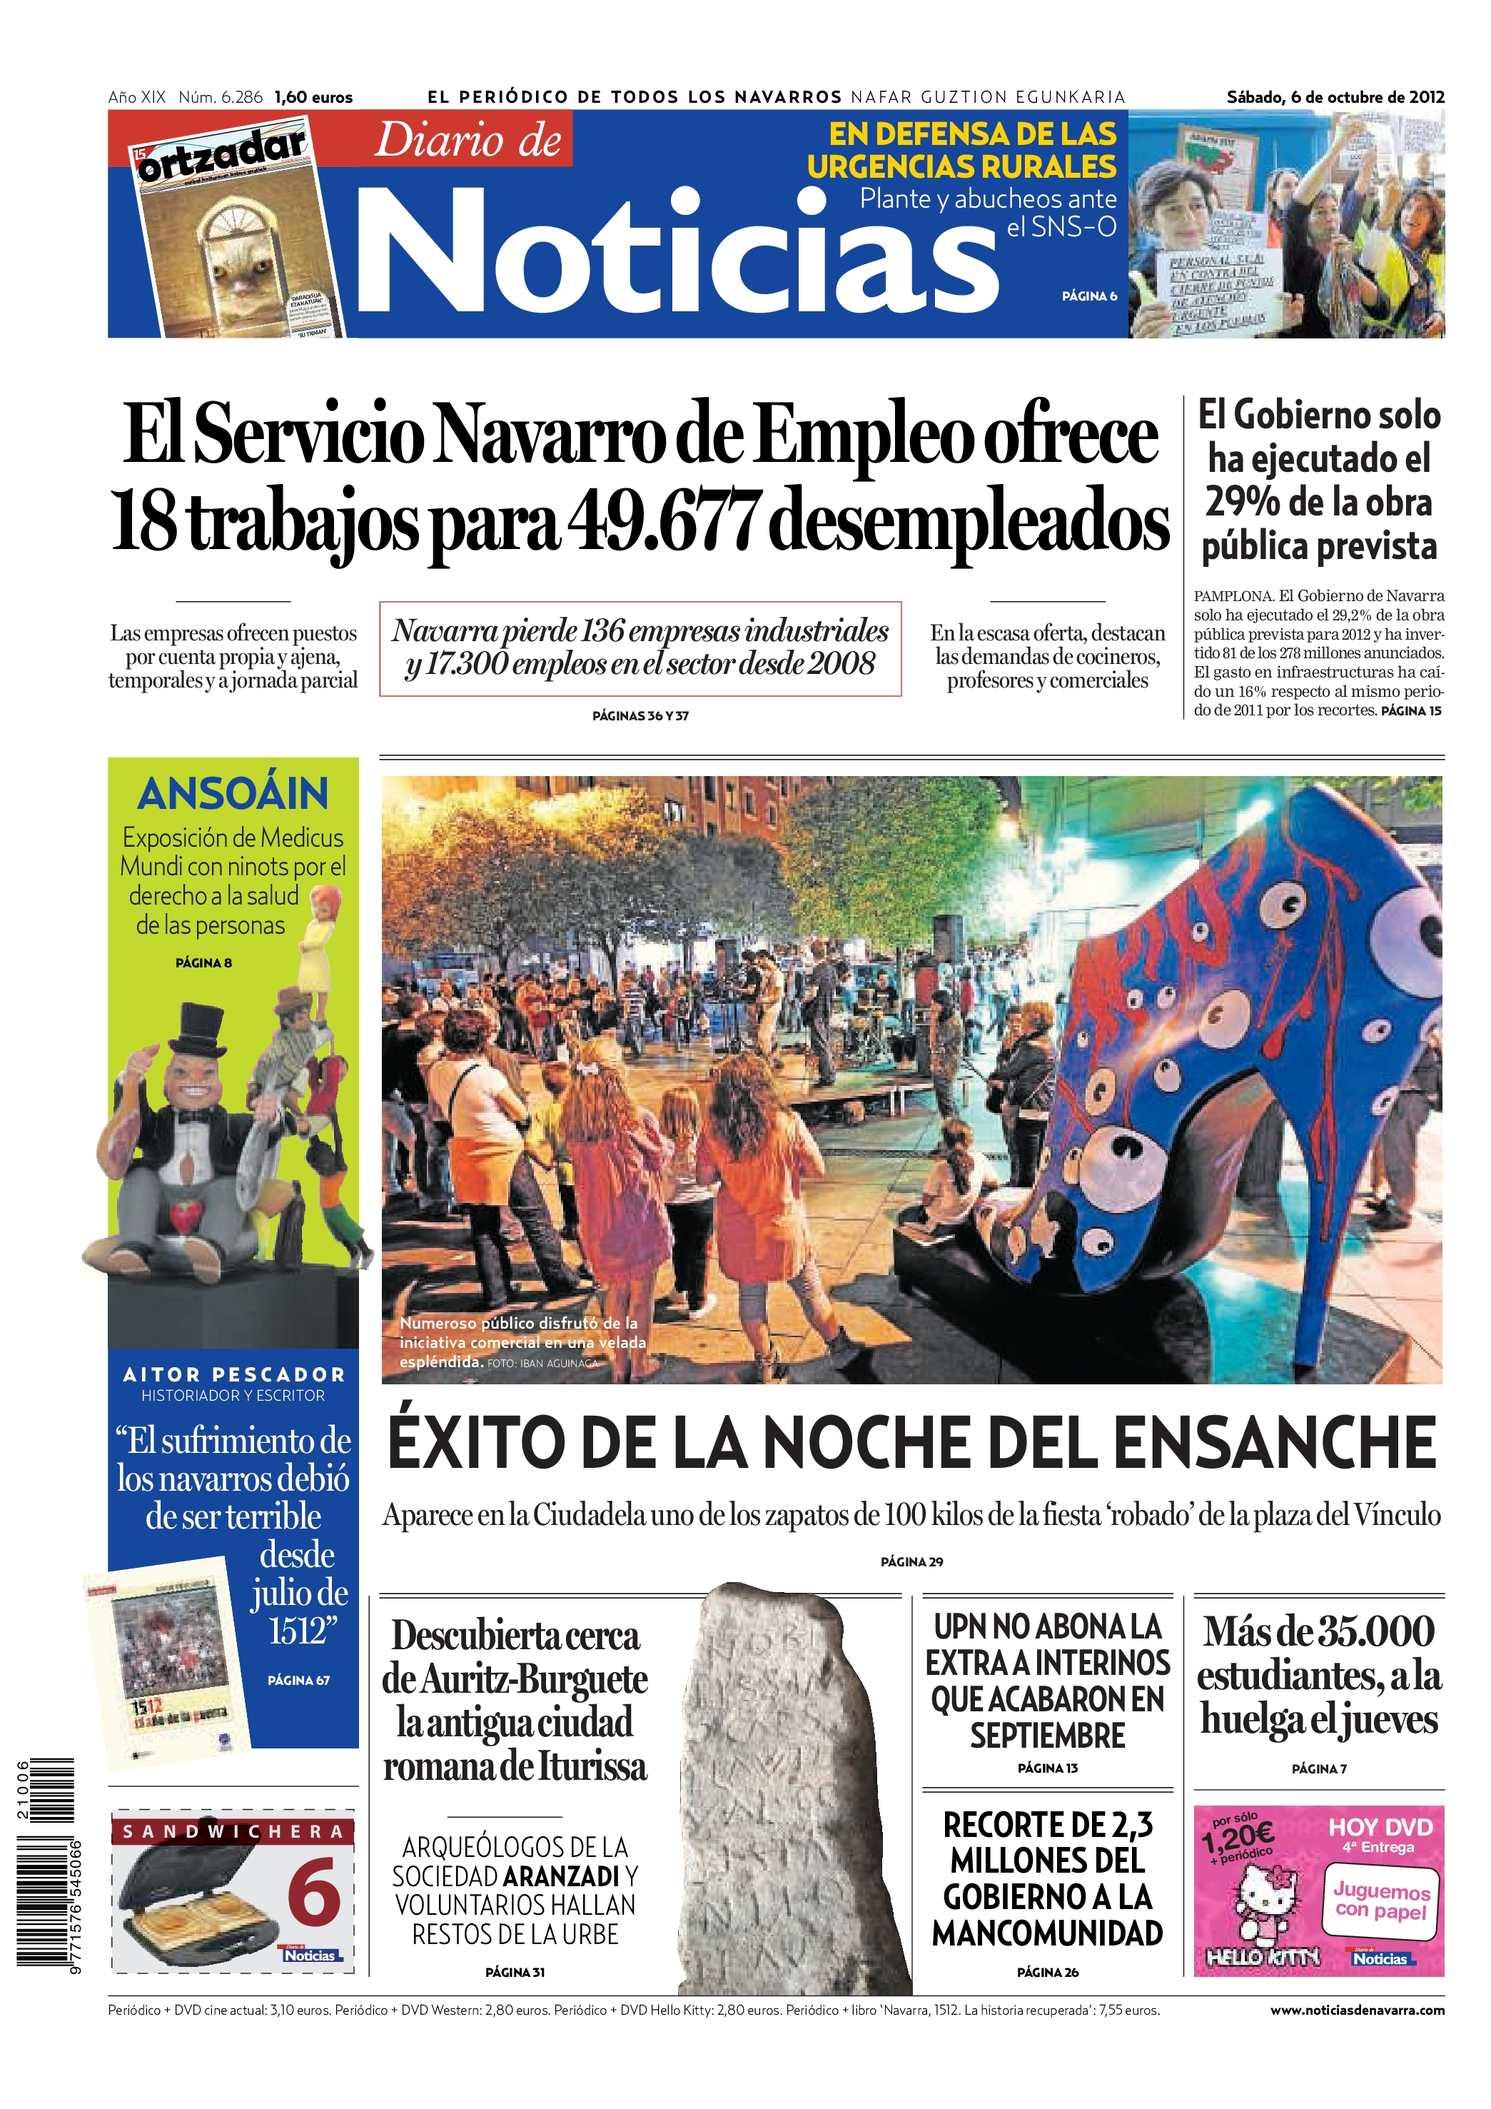 Diario De 20121006 Diario Noticias Calaméo Calaméo De 6gyb7f